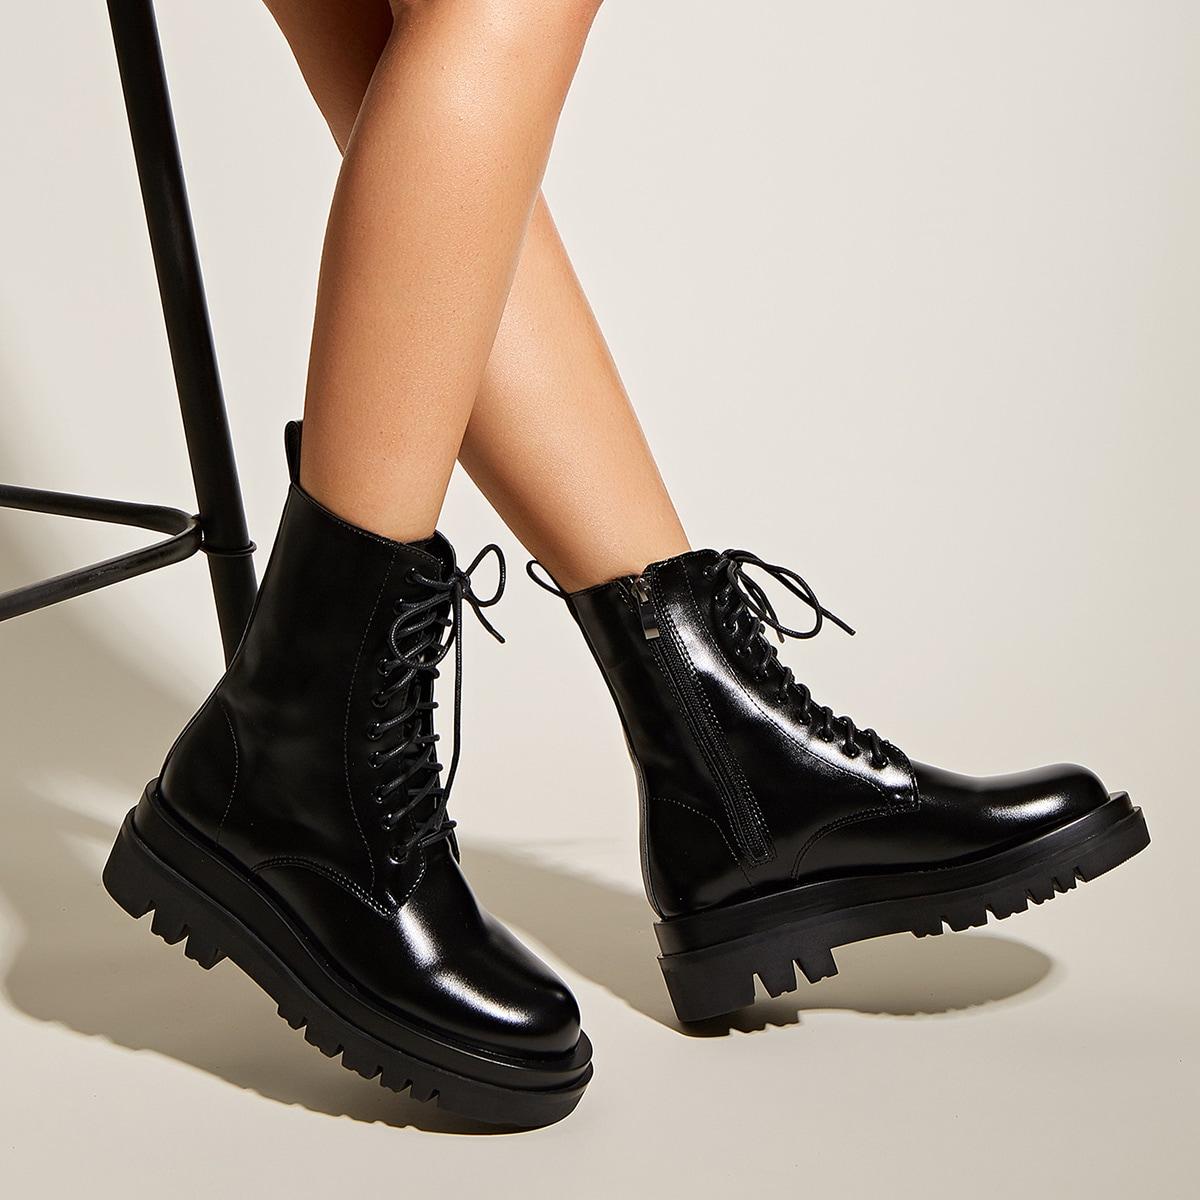 Минималистские сапоги на шнурках